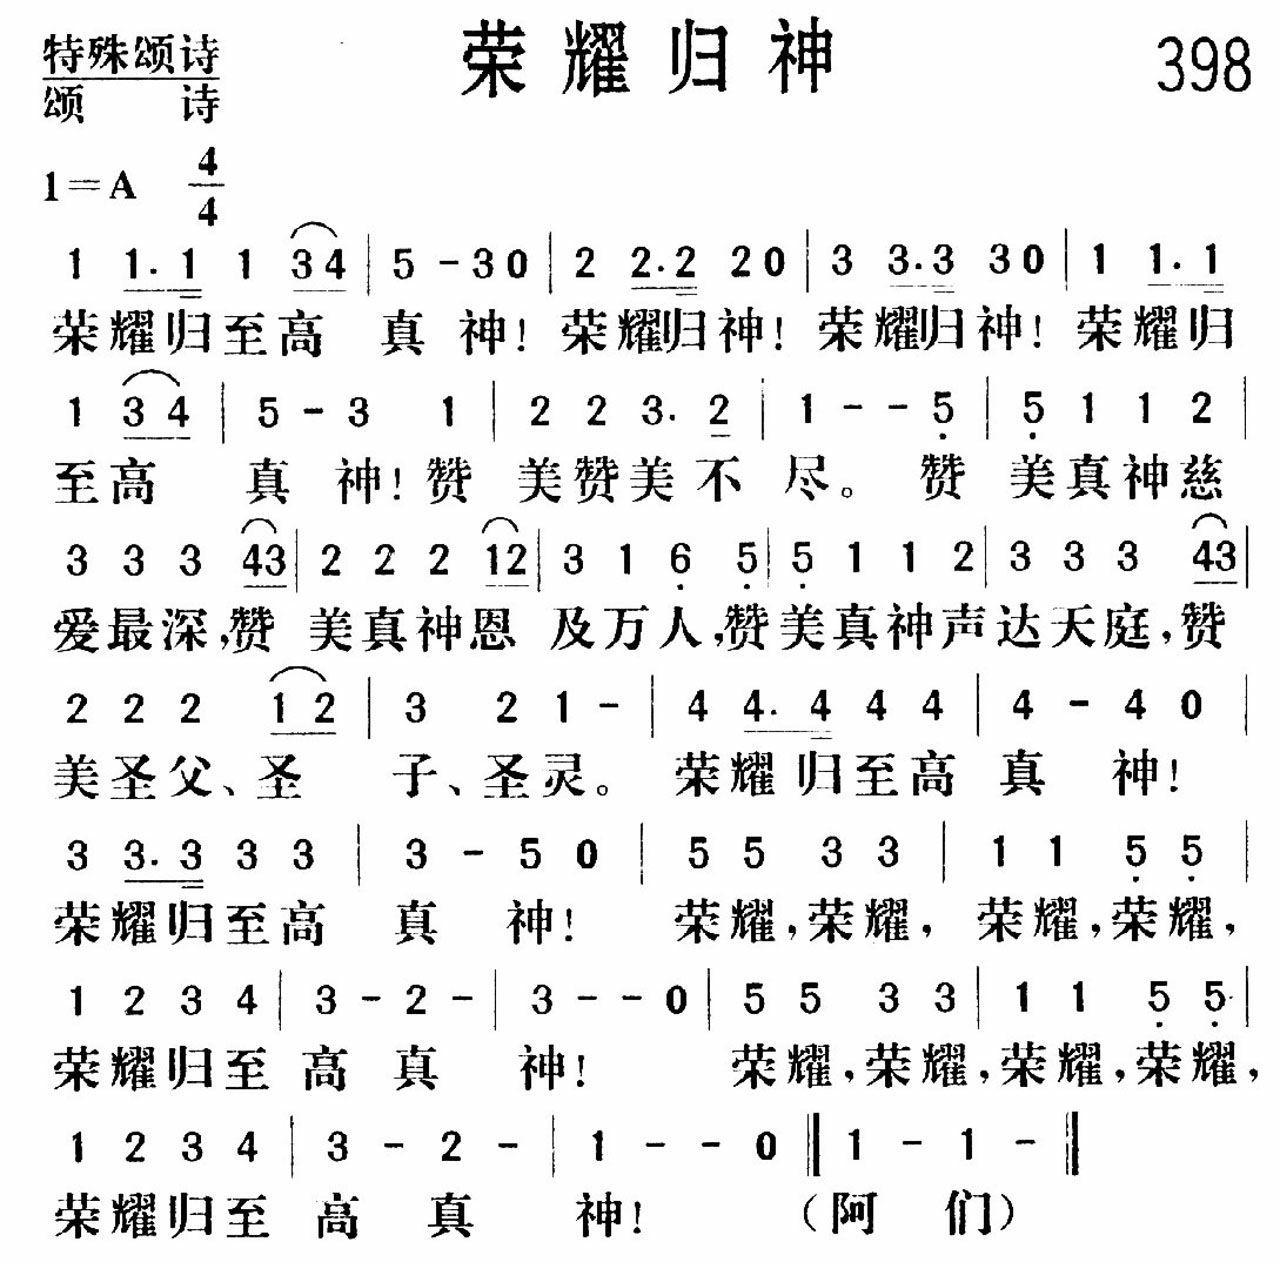 沂蒙山小调歌曲视频_骑士王的荣耀c调简谱_第8页_简谱分享